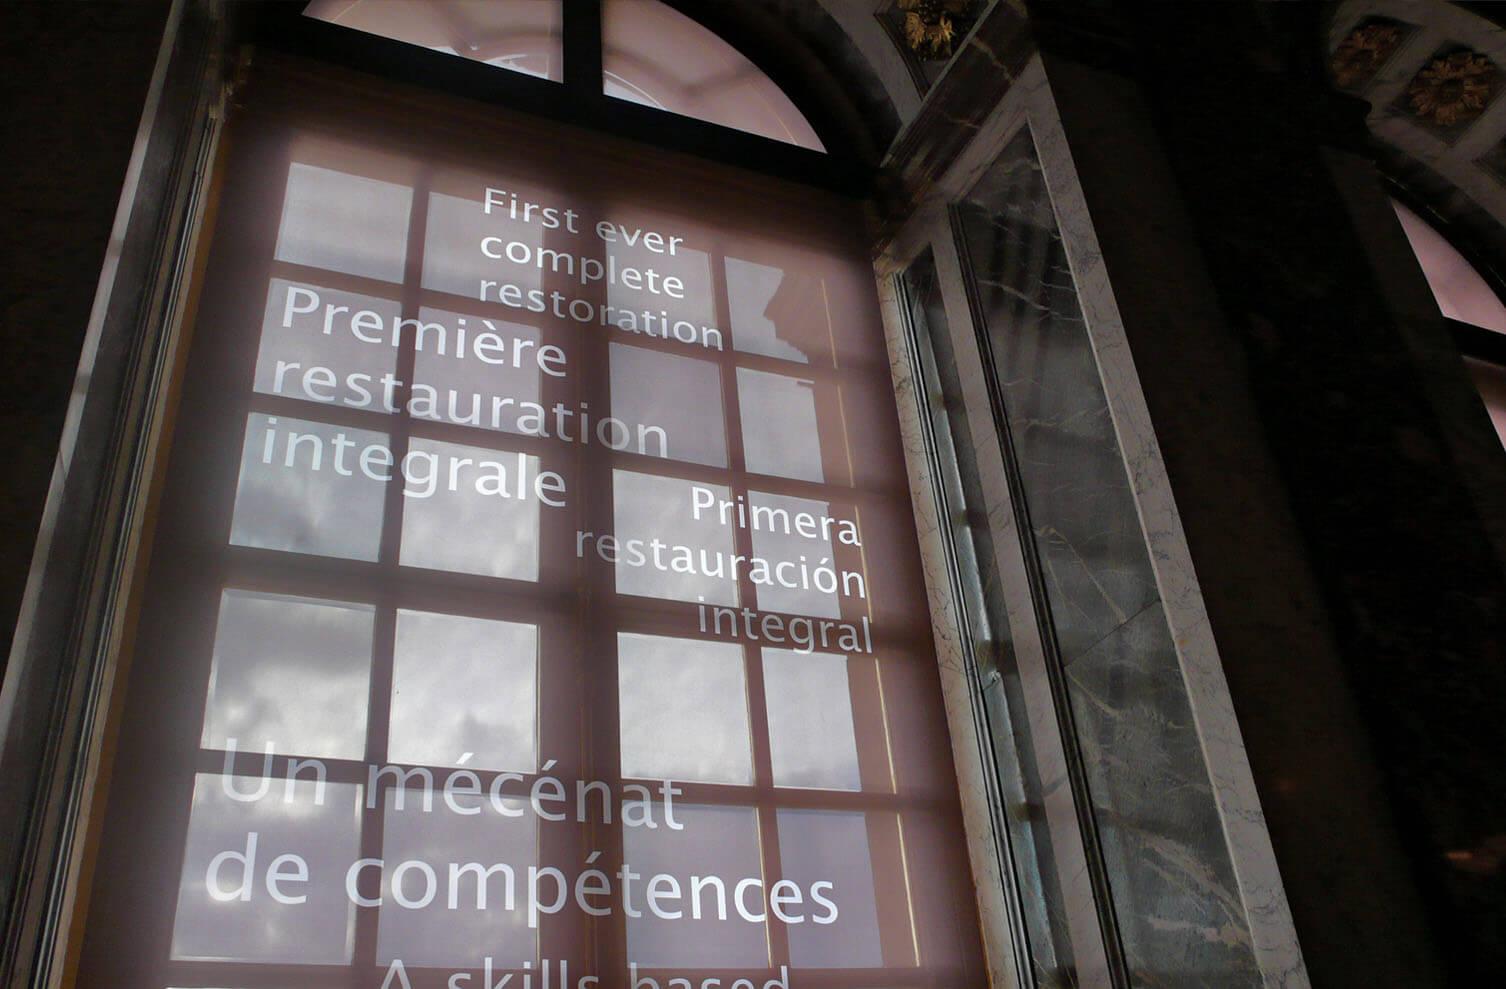 Image Galerie des Glaces 10